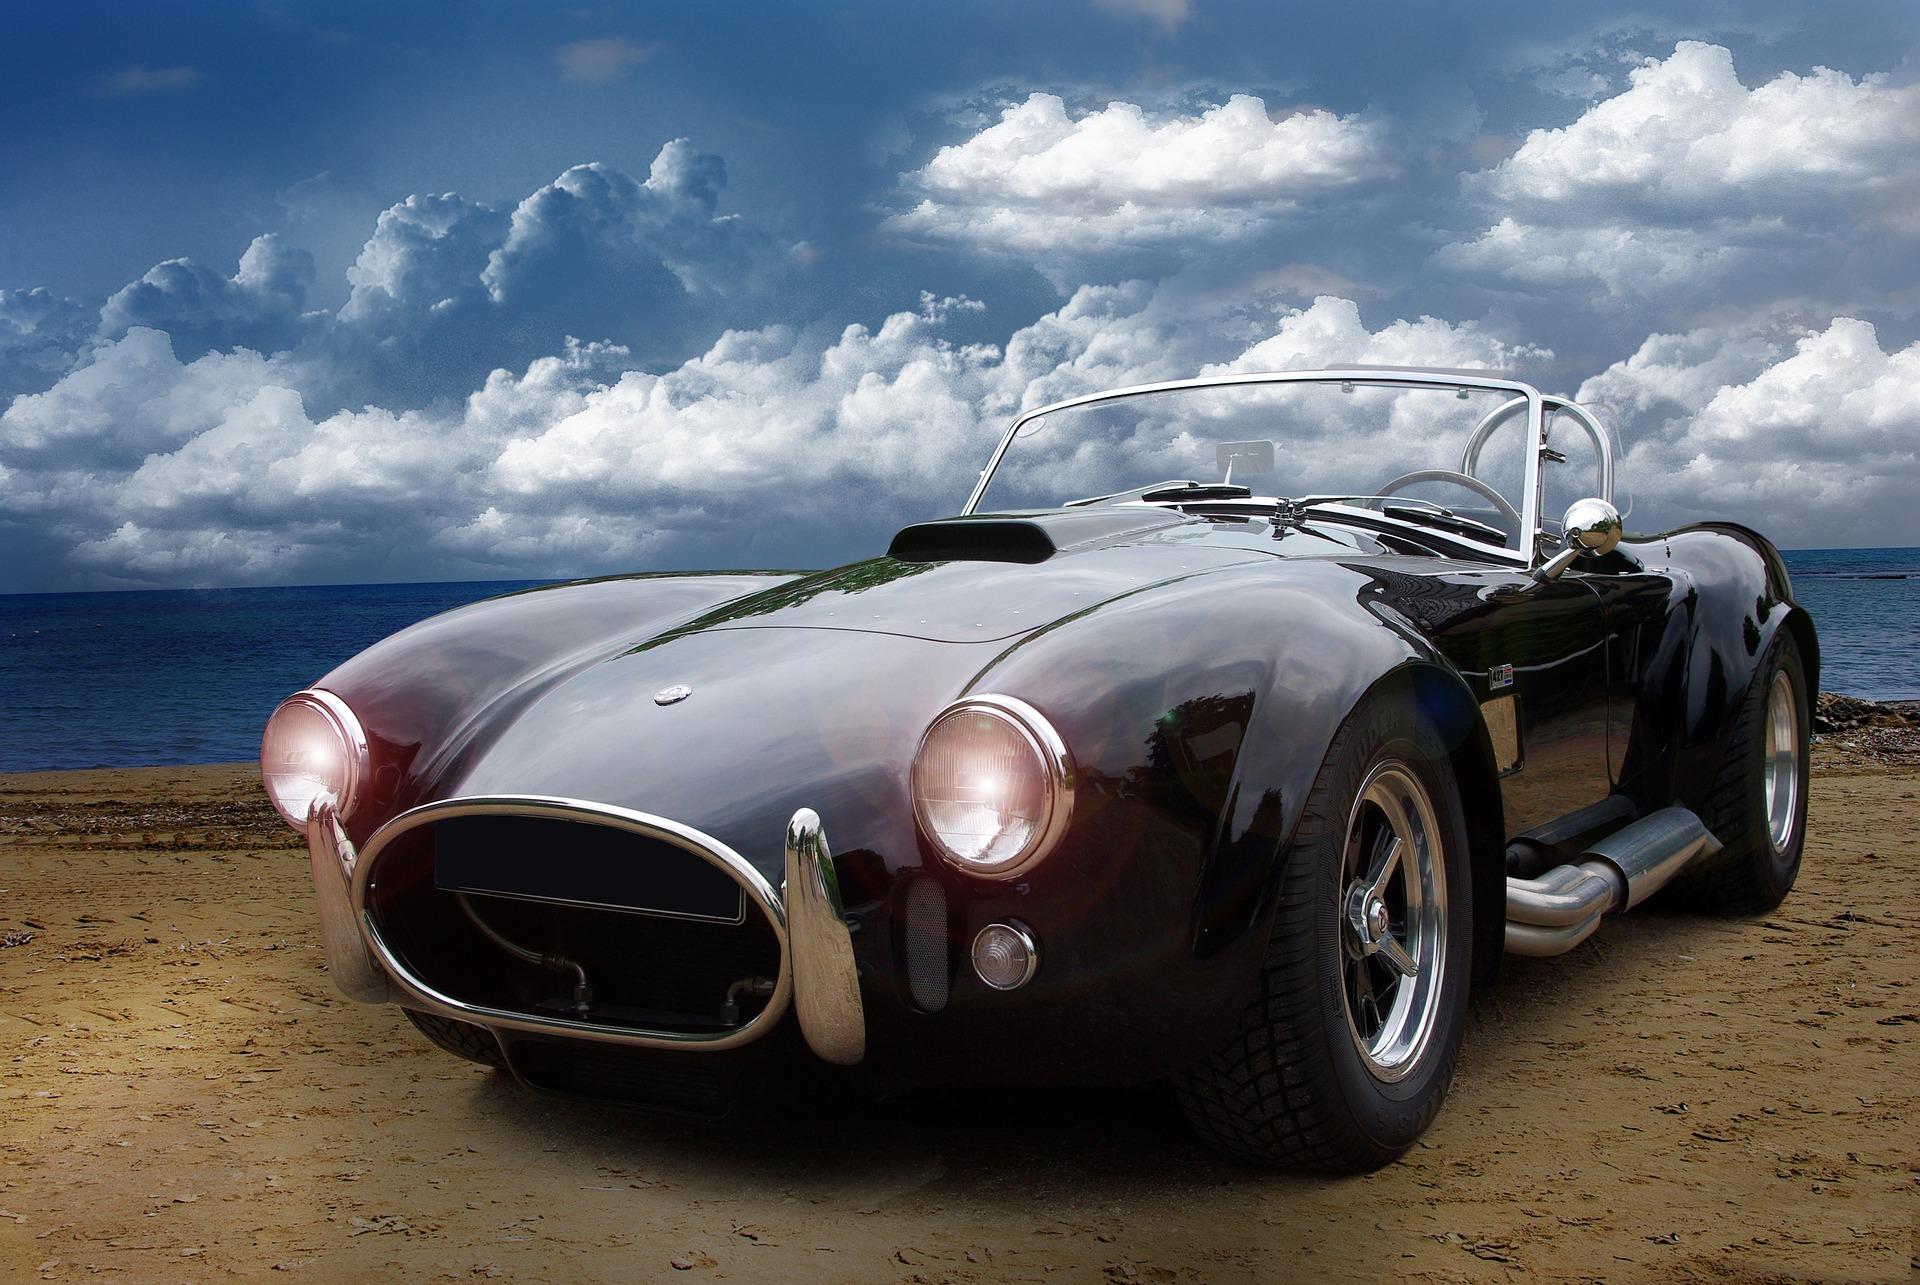 voiture, Cobra, Classique, temps, automobile, Vintage - Fonds d'écran HD - Professor-falken.com